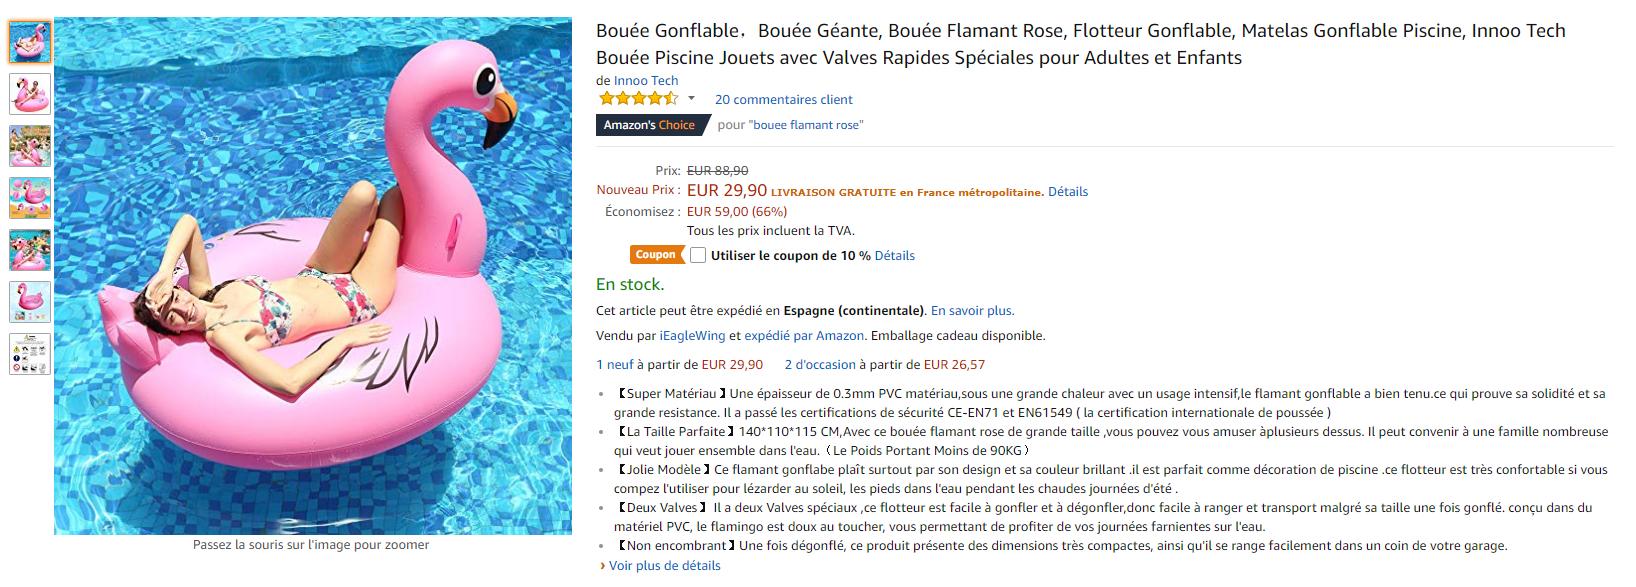 SEO Amazon Description Produit